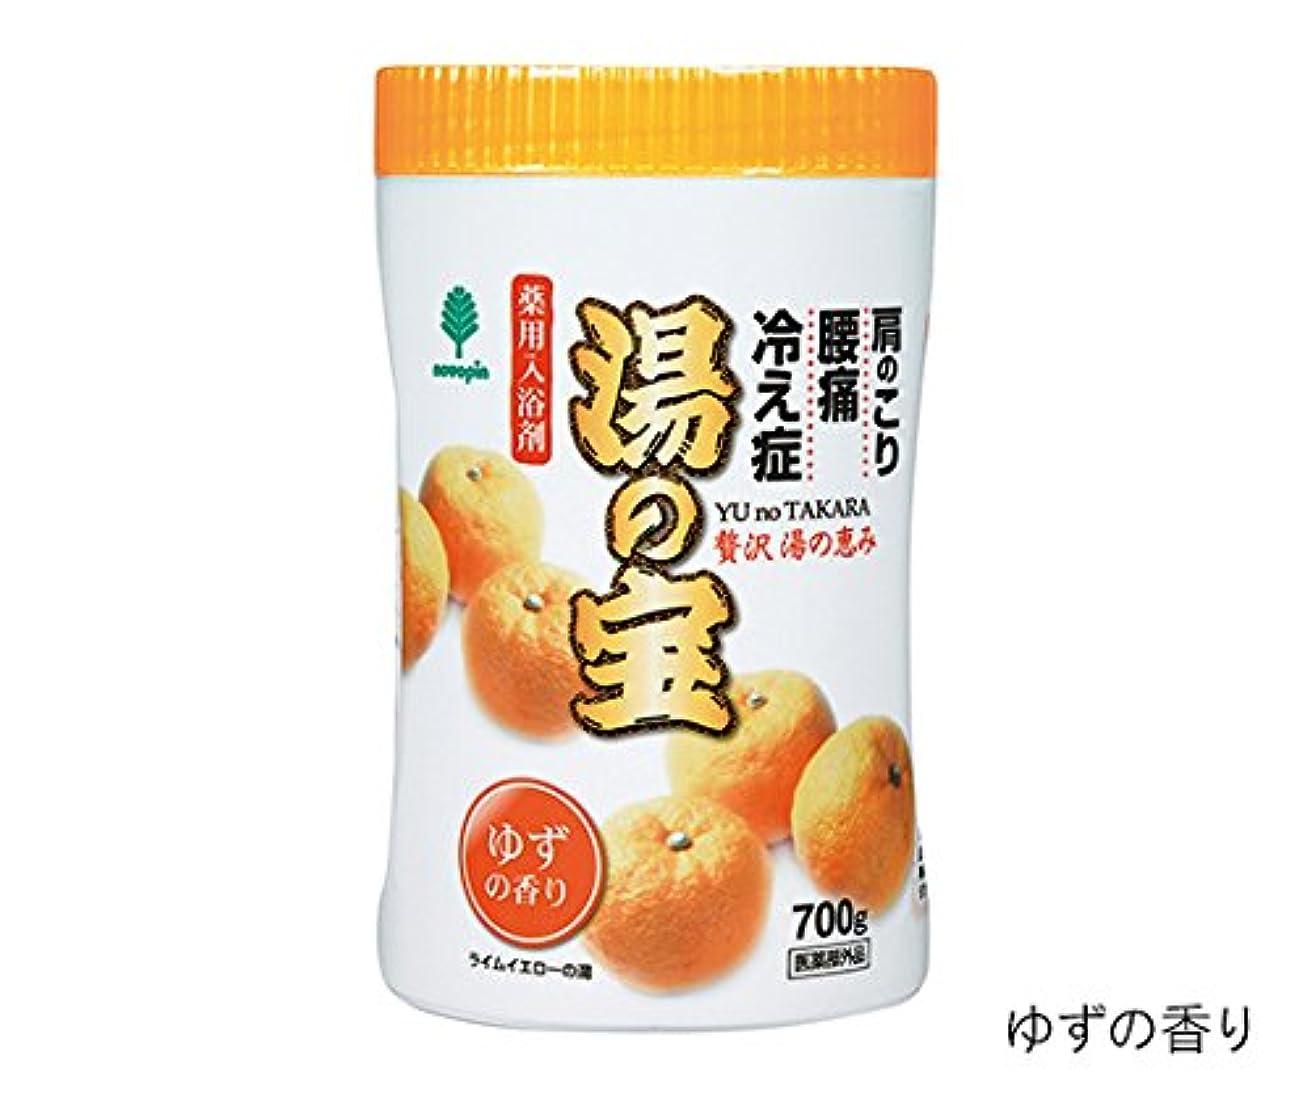 キャリッジラフトバンカー紀陽除虫菊7-2542-02入浴剤(湯の宝)森林の香り700g